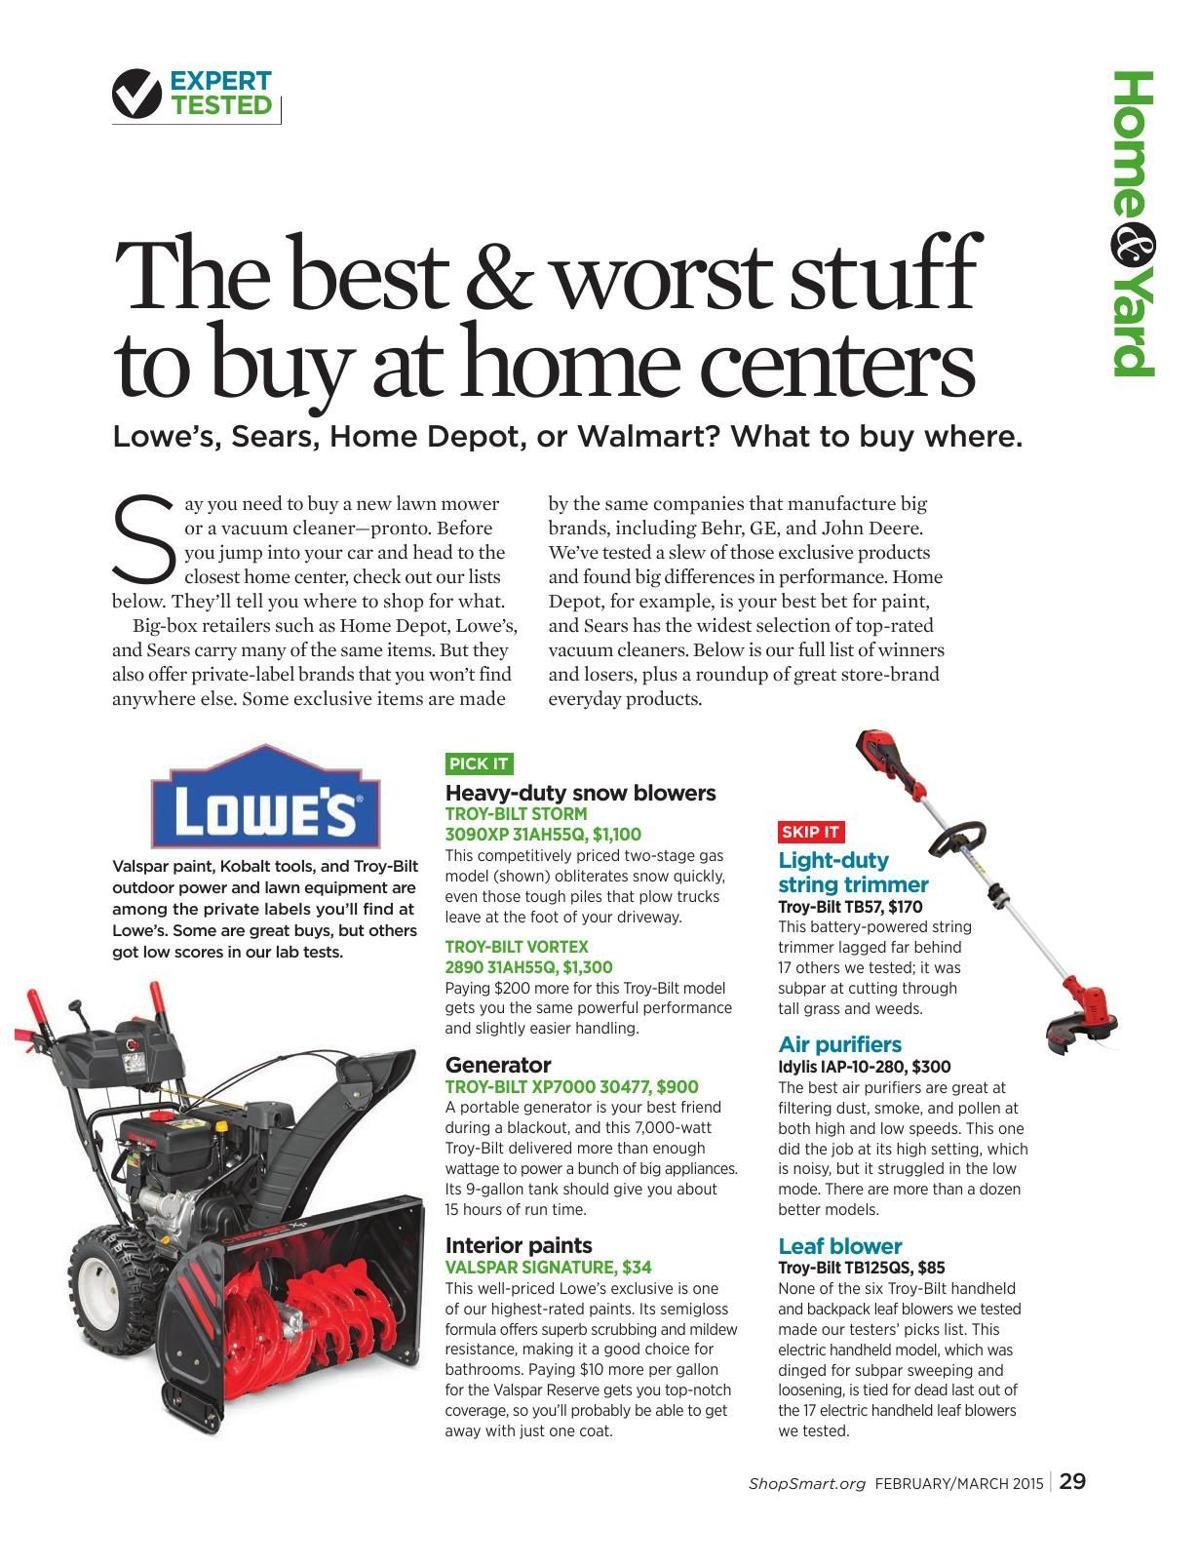 Consumer reports looks at best big box deals | Life